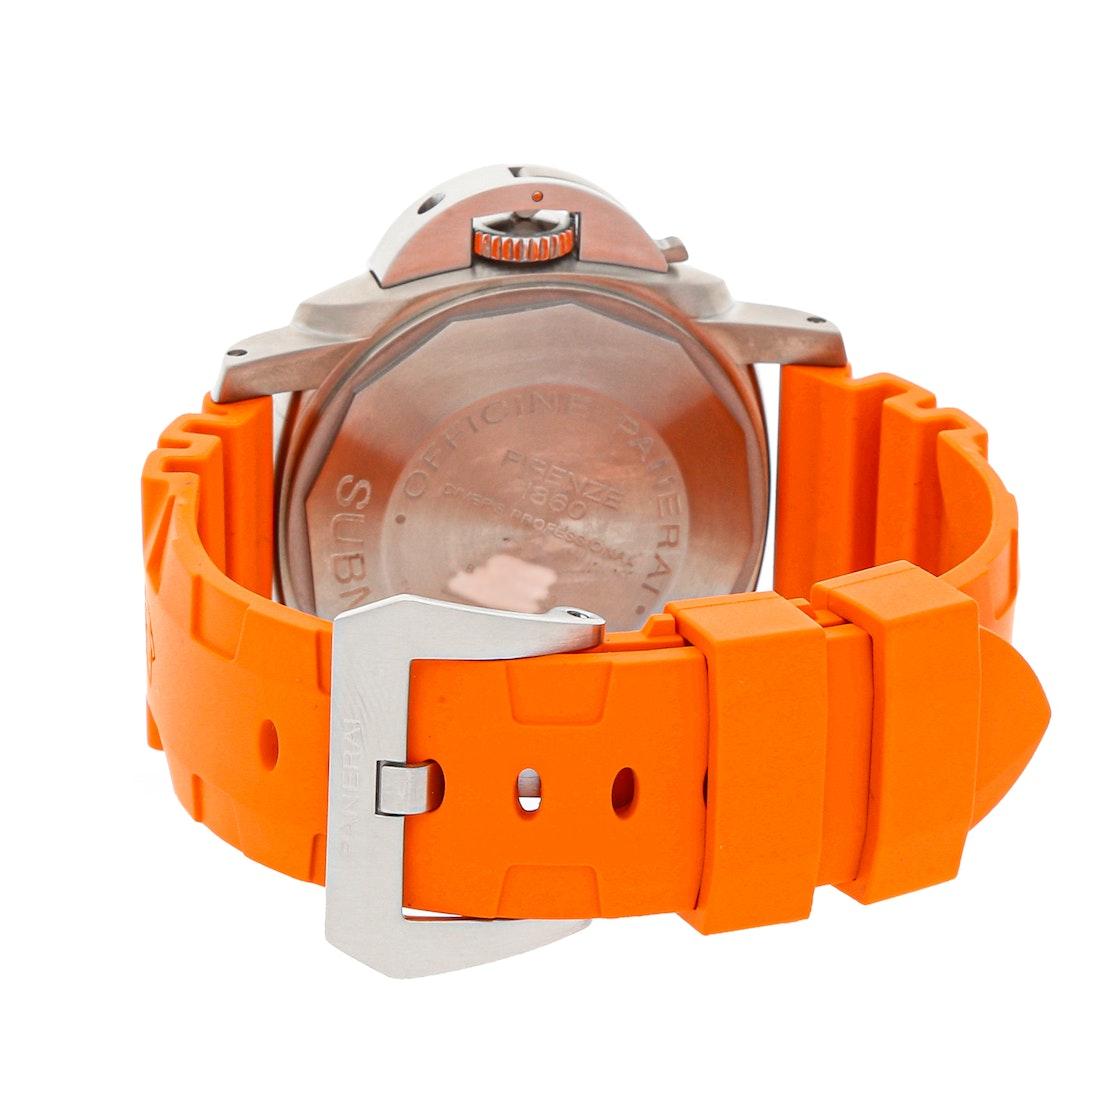 Panerai Luminor Submersible 2500m PAM 194